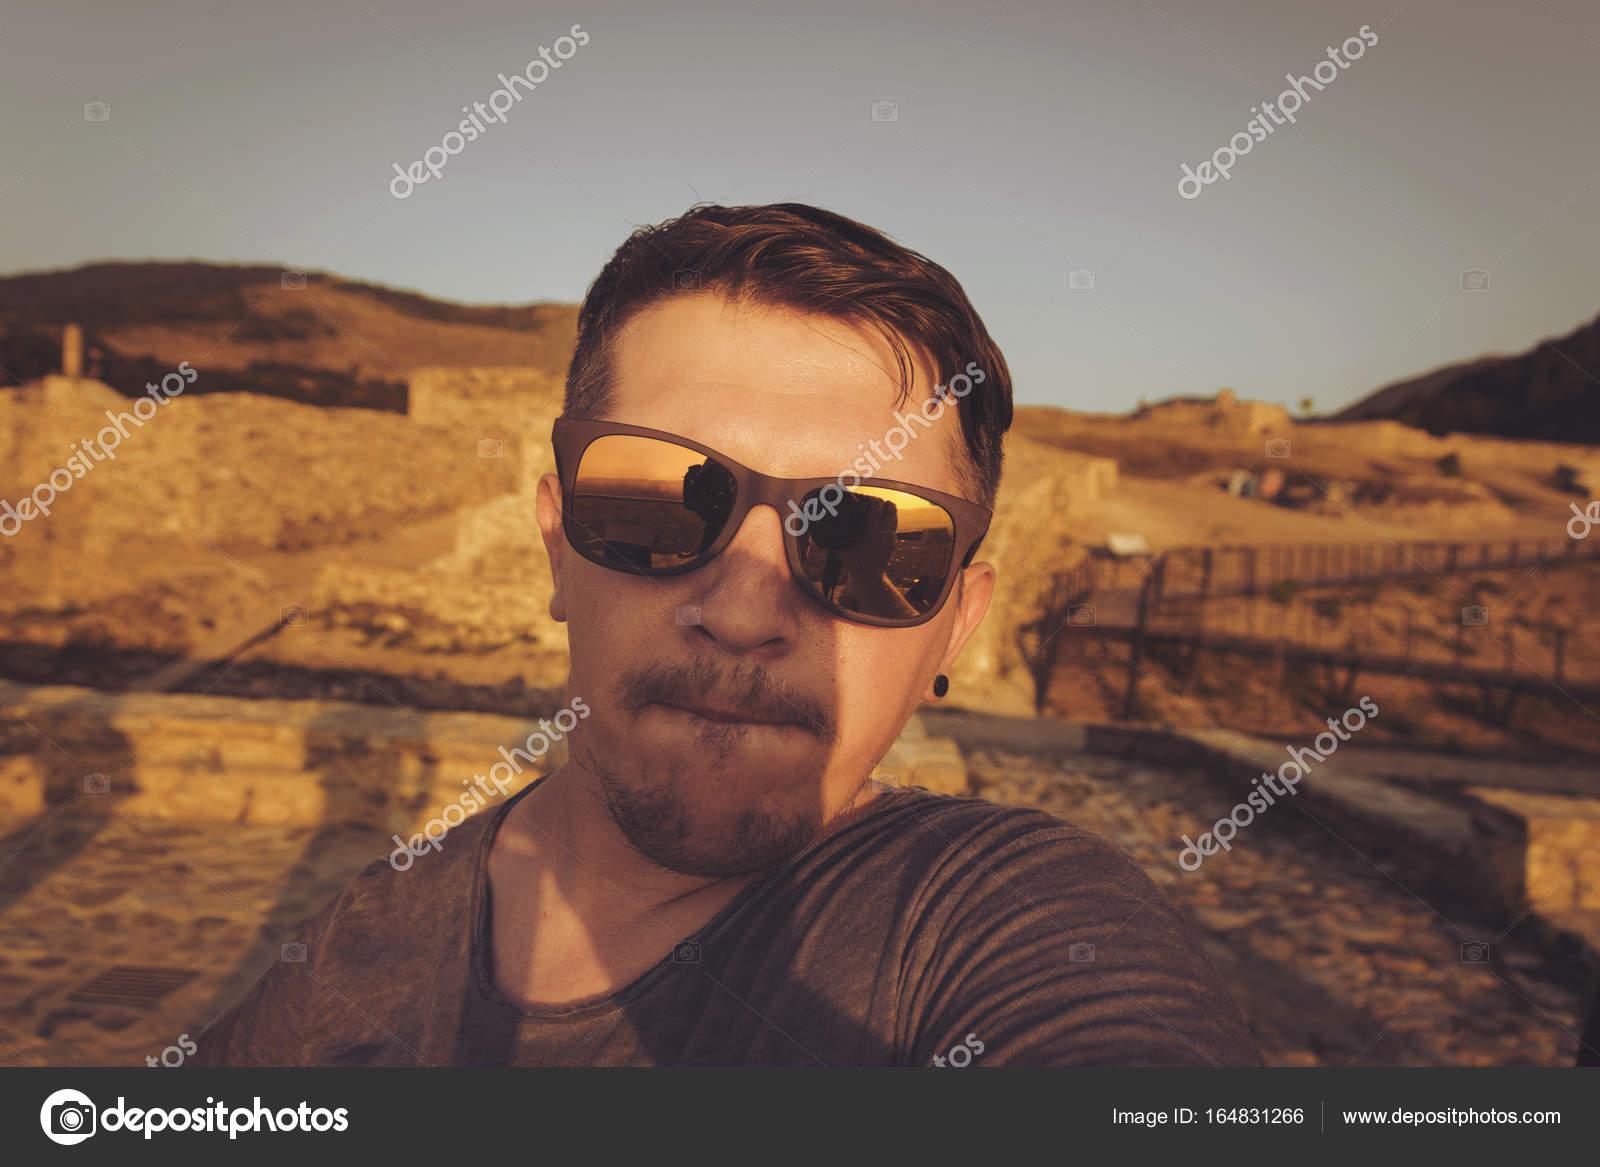 Al Prendendo Occhiali Selfie Uomo Sopra Sole Tramonto Davanti Con Da RLj354A